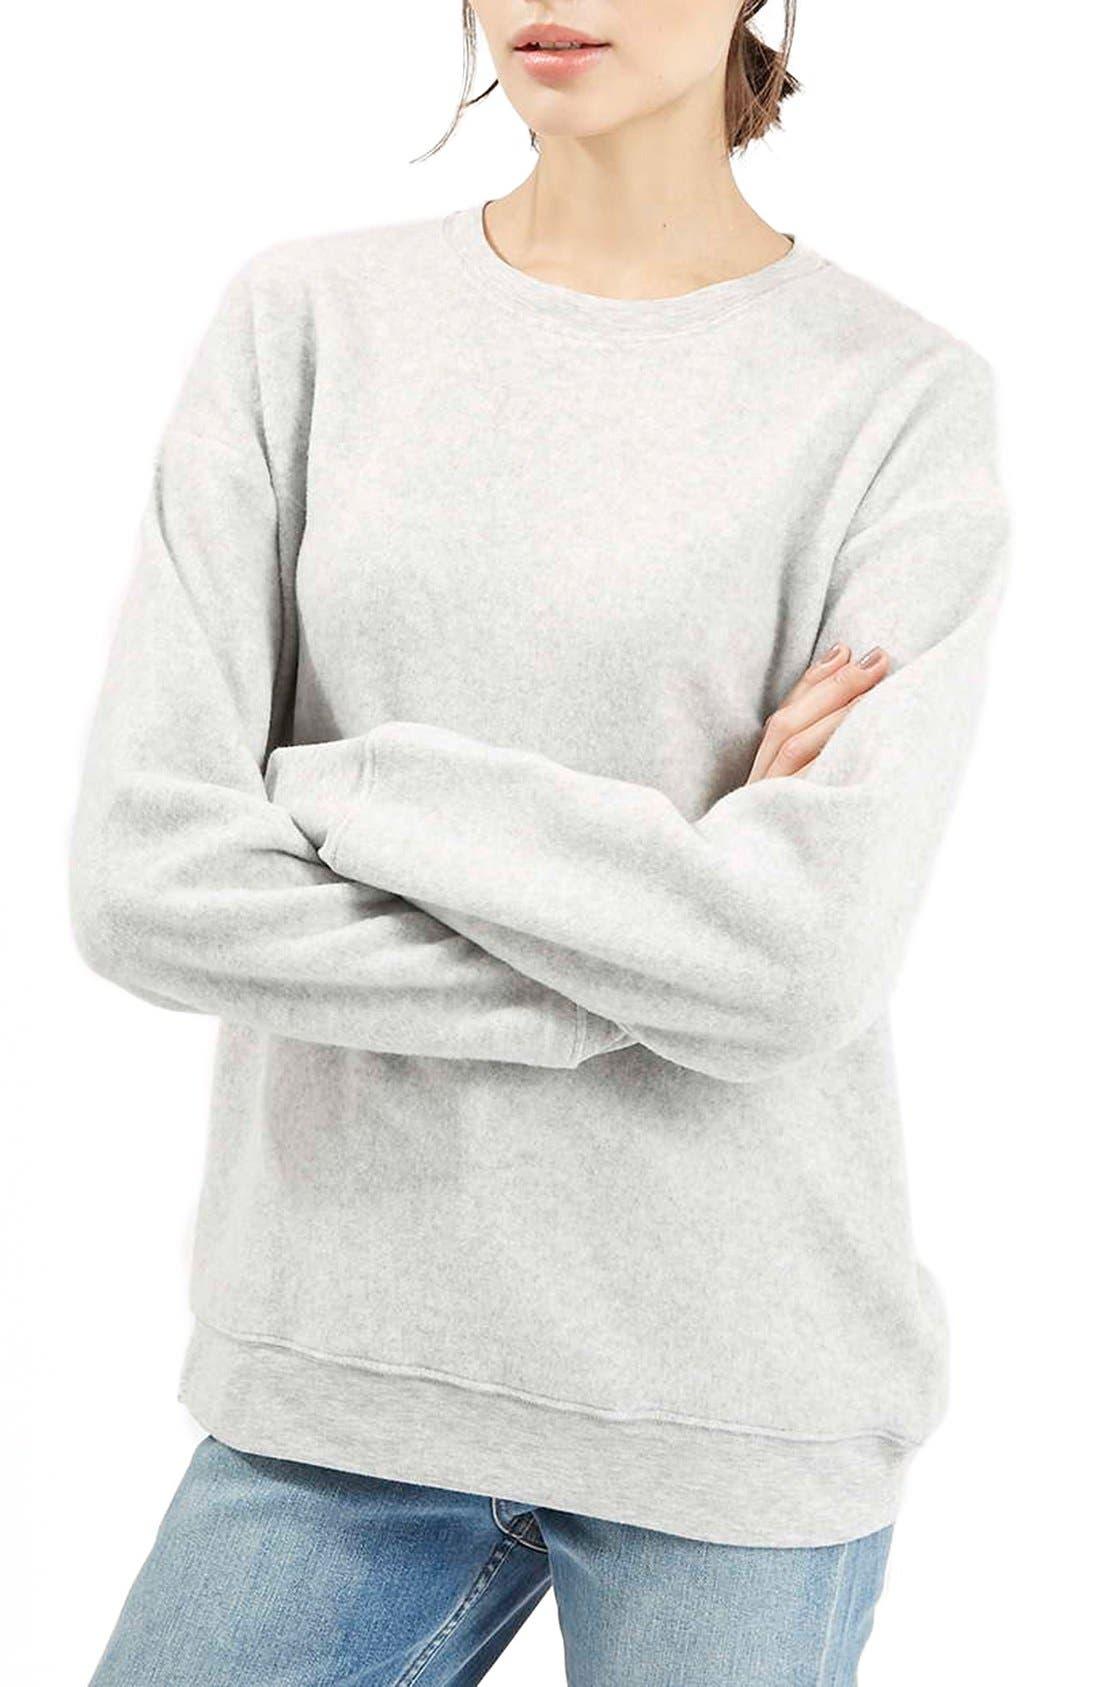 Main Image - Topshop BrushedCrewneck Sweatshirt